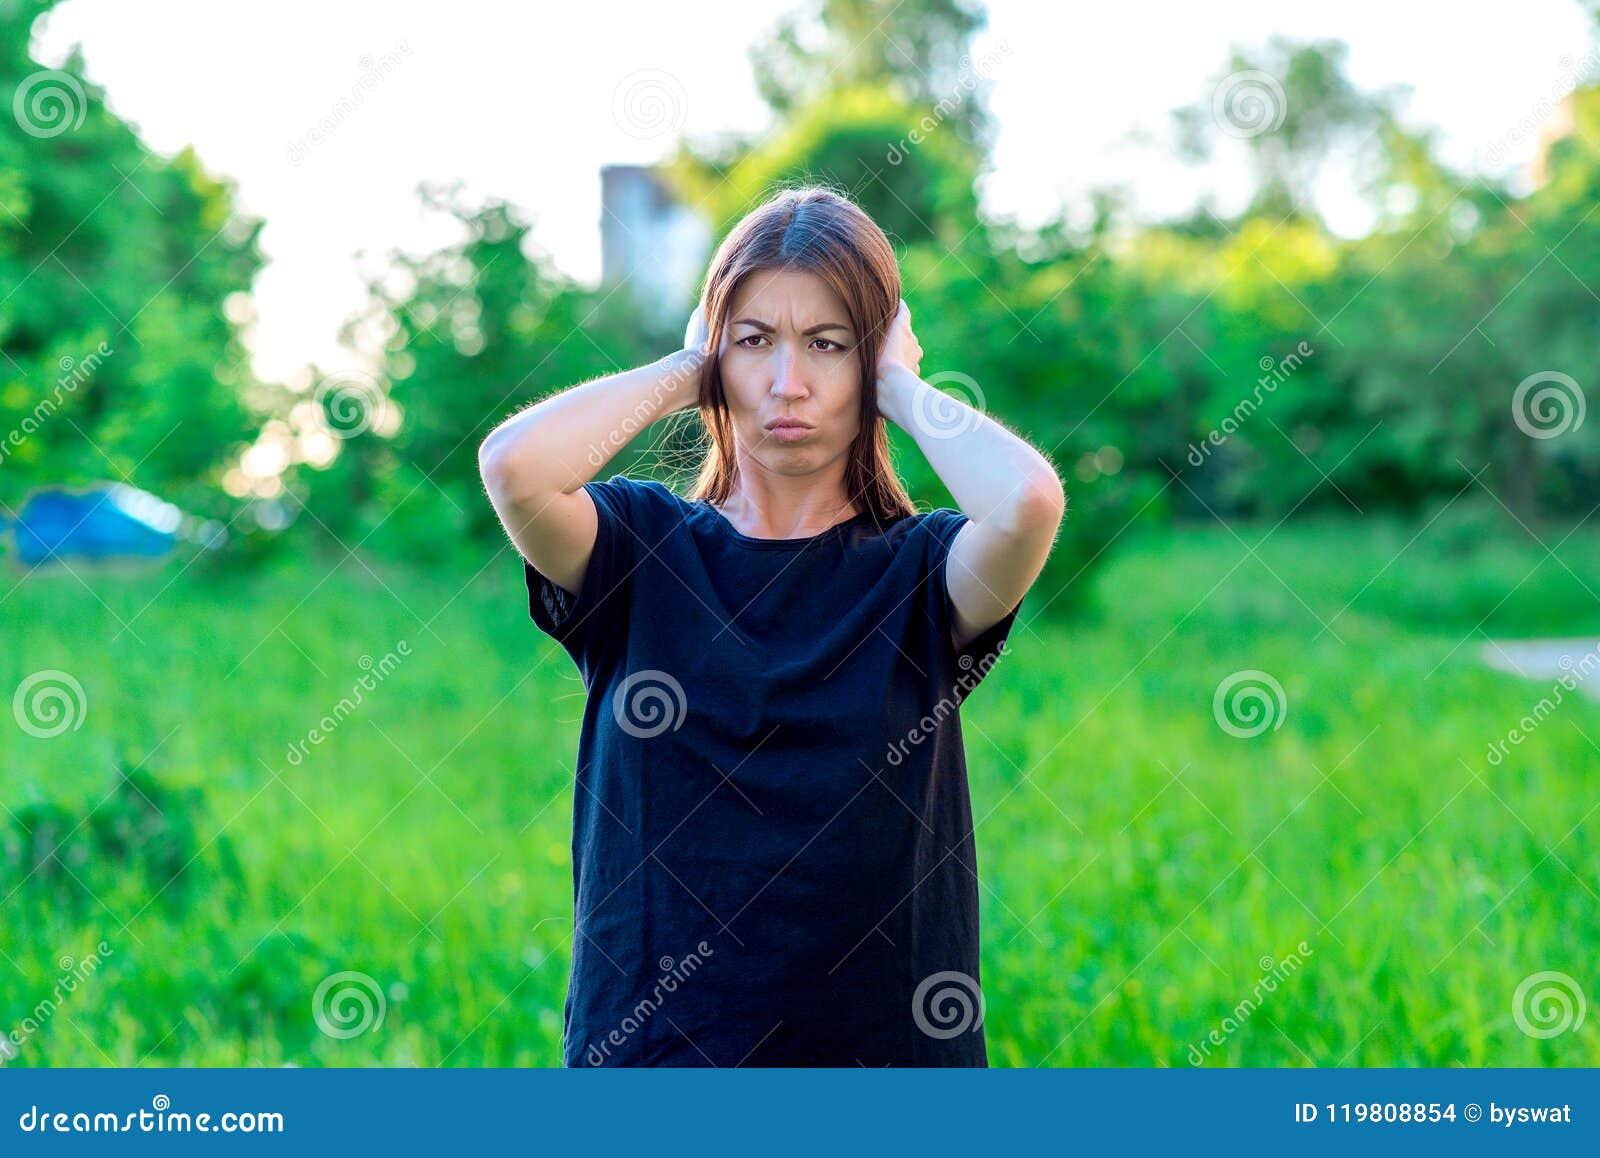 Dziewczyna w lecie w parku w czarnej koszulce azjaci piękna Zakrywa jego ucho z jego rękami Emocjonalnie głośny hałas